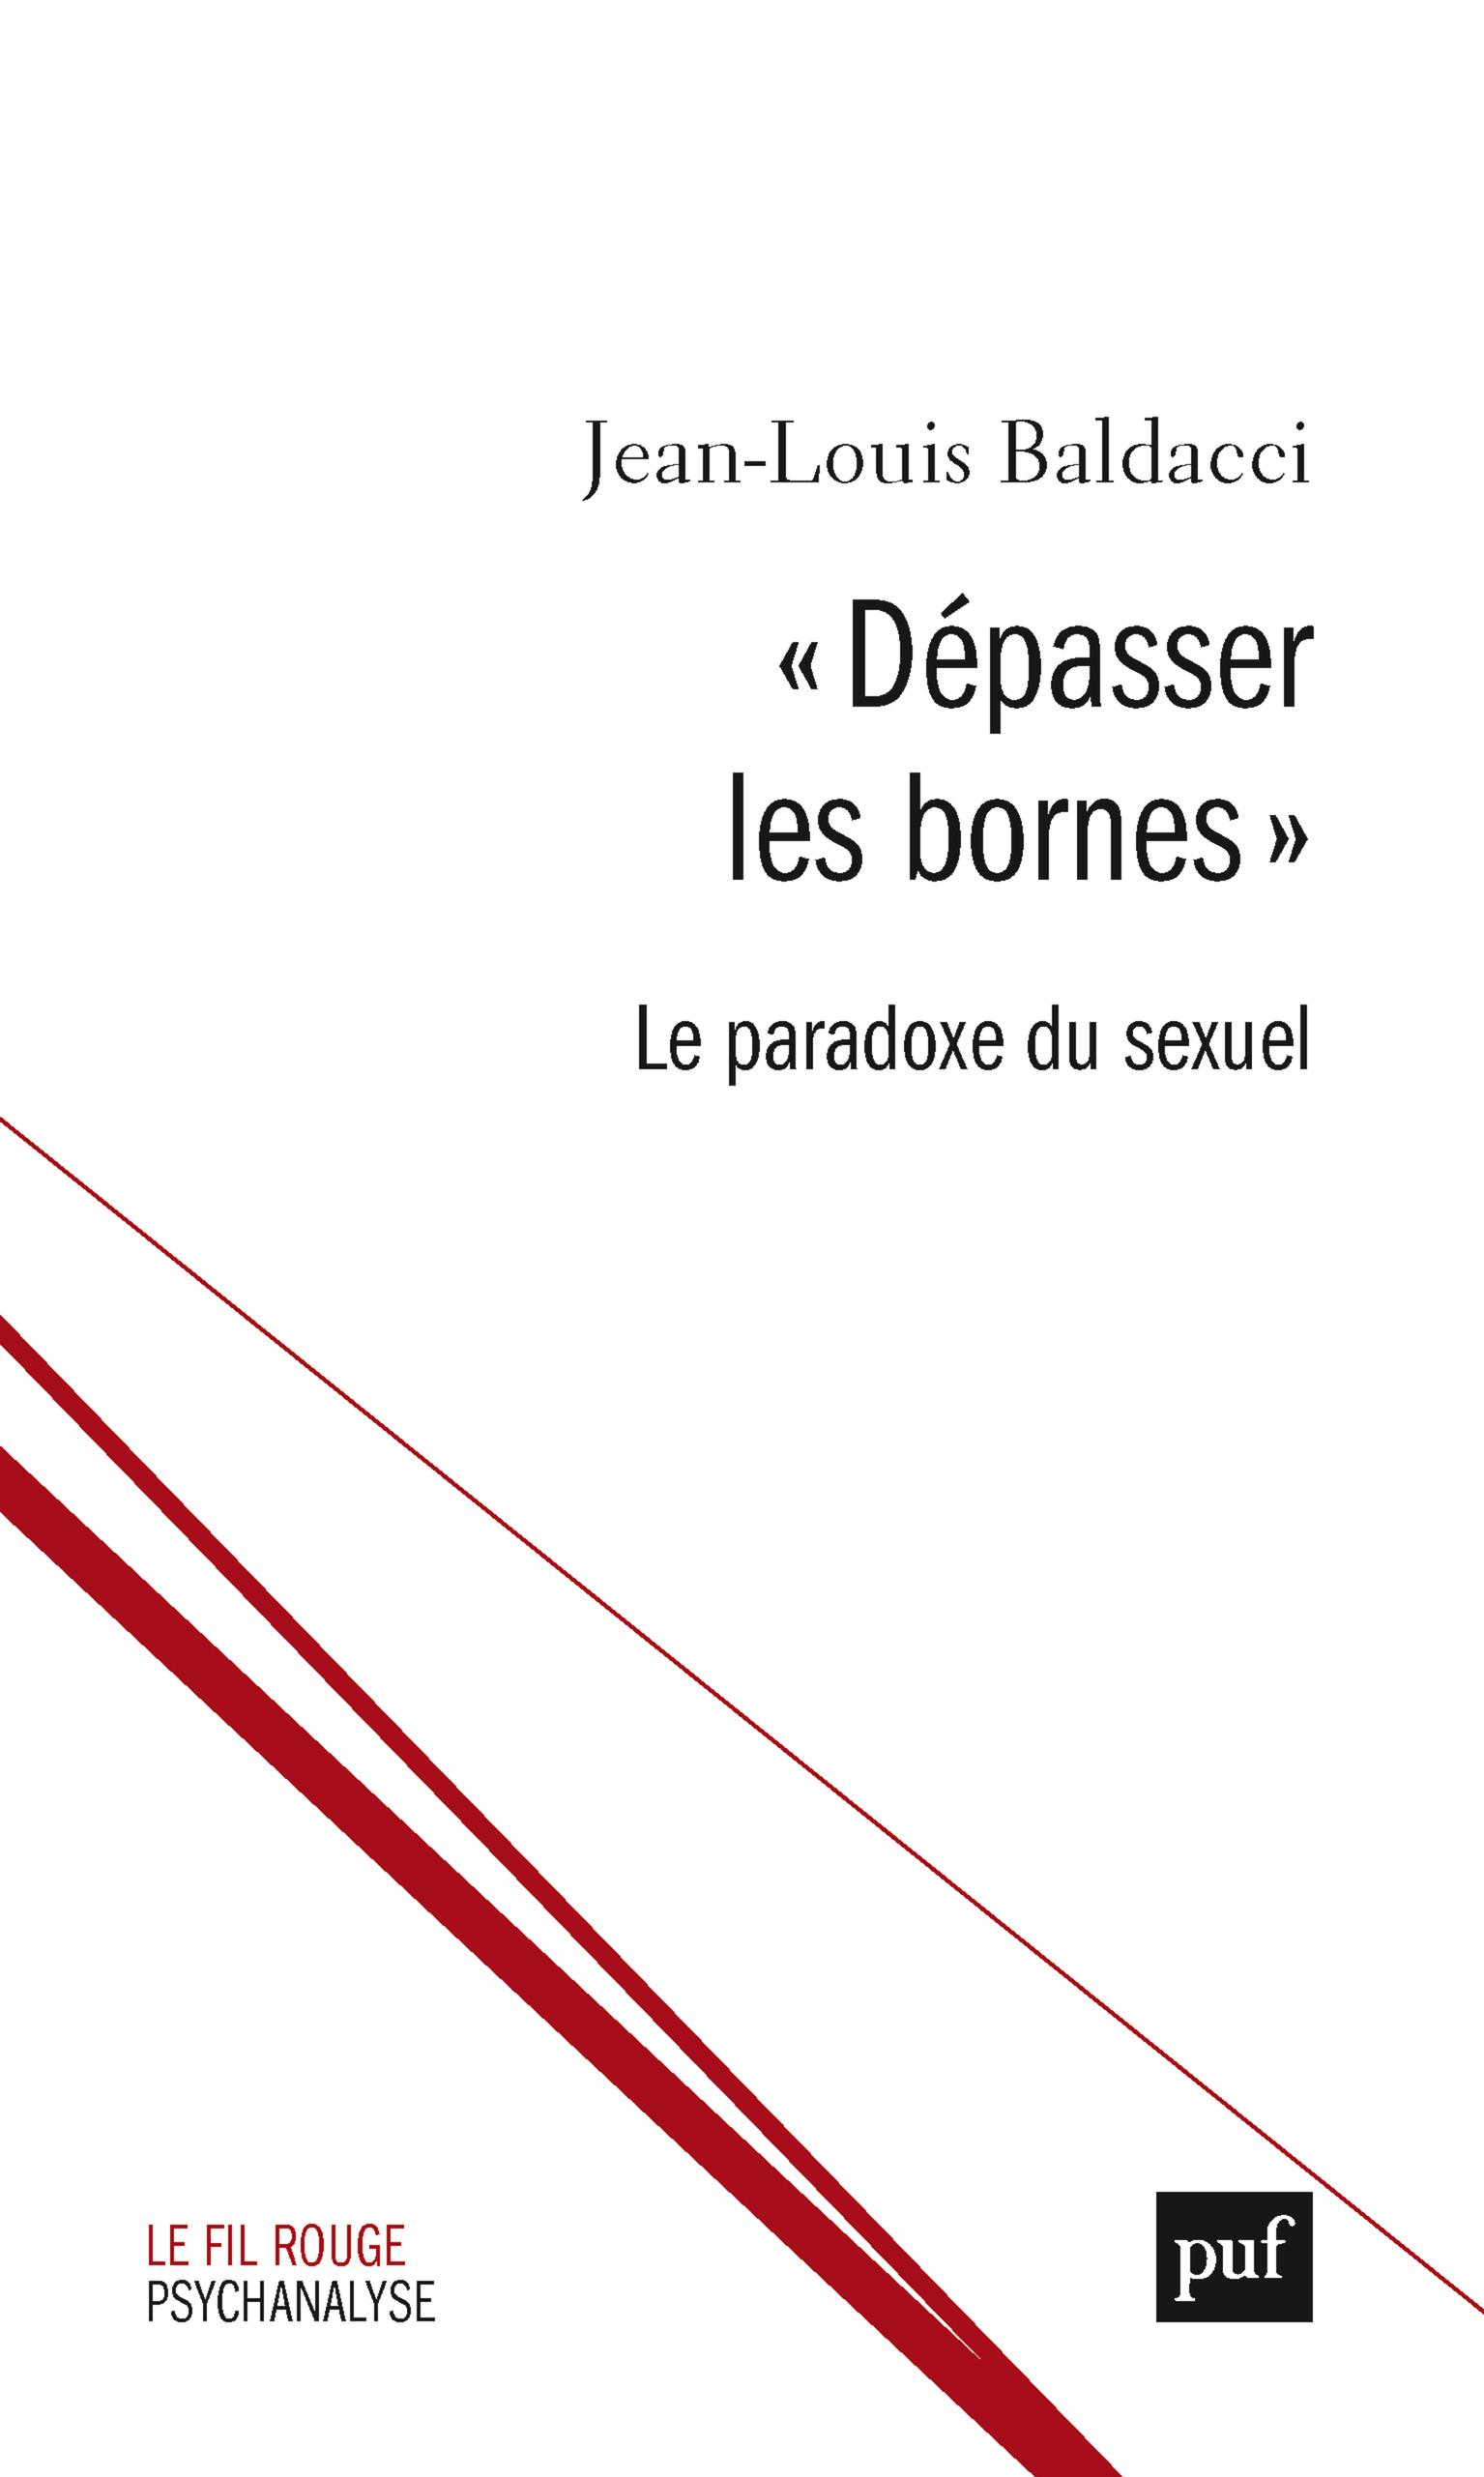 DEPASSER LES BORNES, LES PARADOXES DU SEXUEL